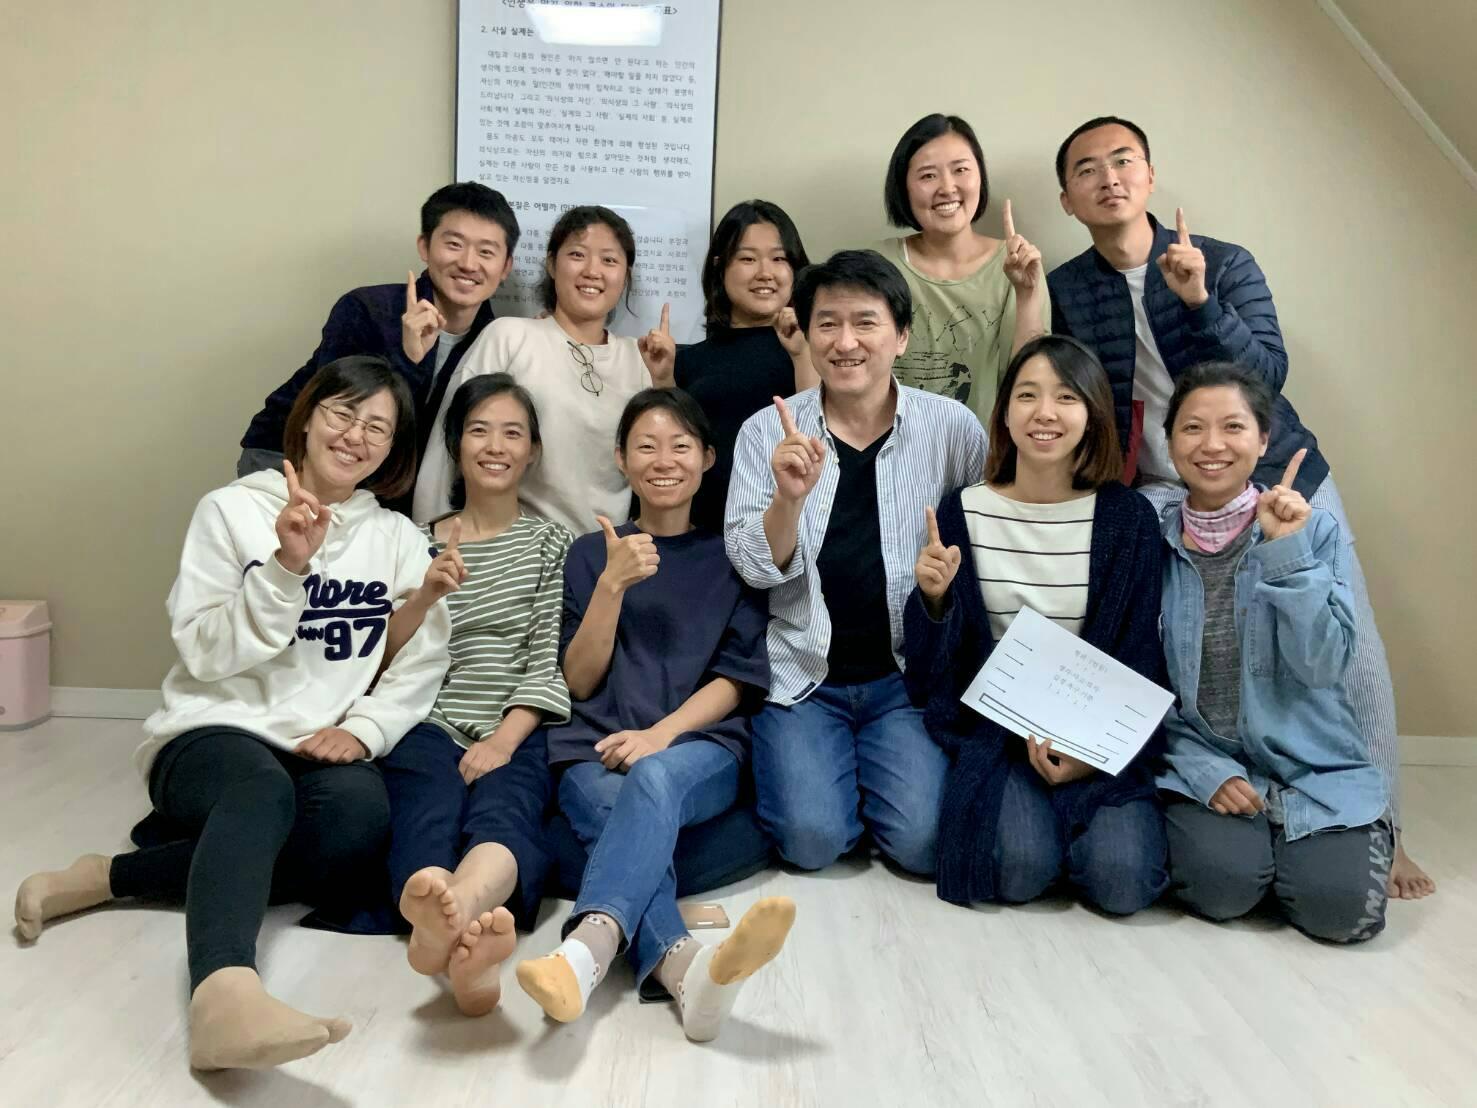 201910サイエンズ人生を知るためのコース韓国